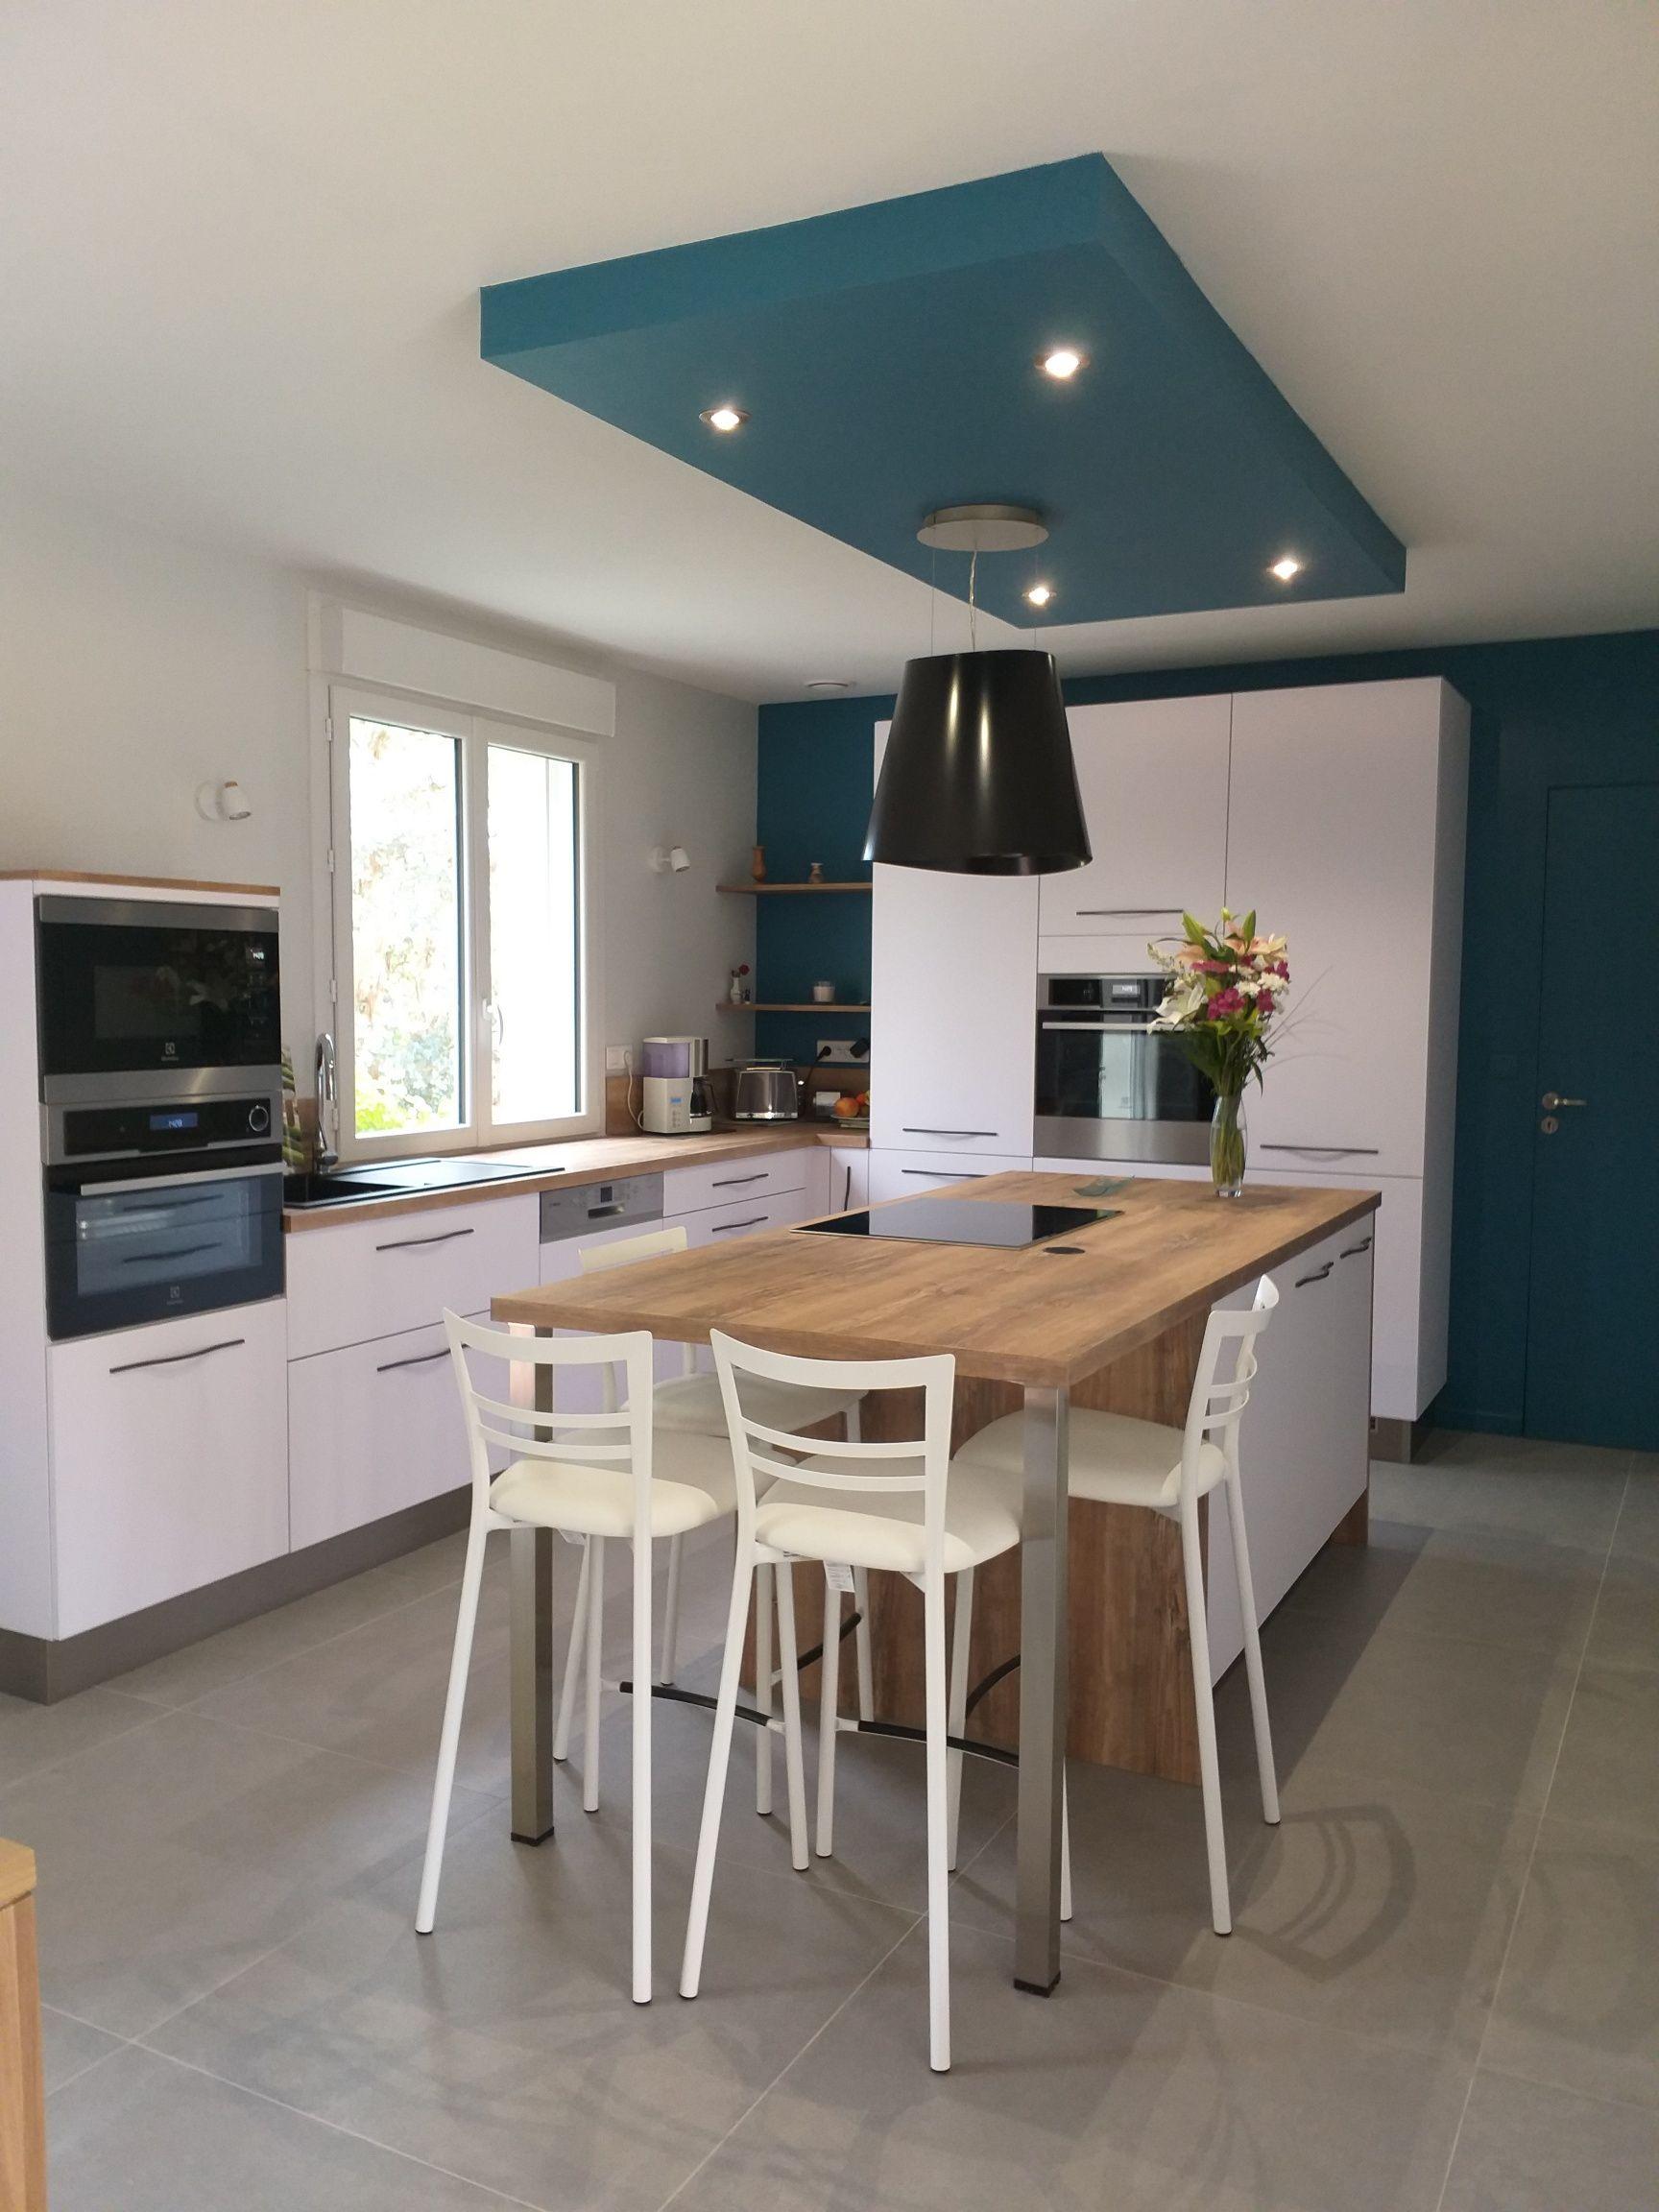 Laval Arthur Bonnet Magasin De Cuisines Cuisines Equipees Cuisines Maison Cuisine Moderne Cuisines Dans Salon